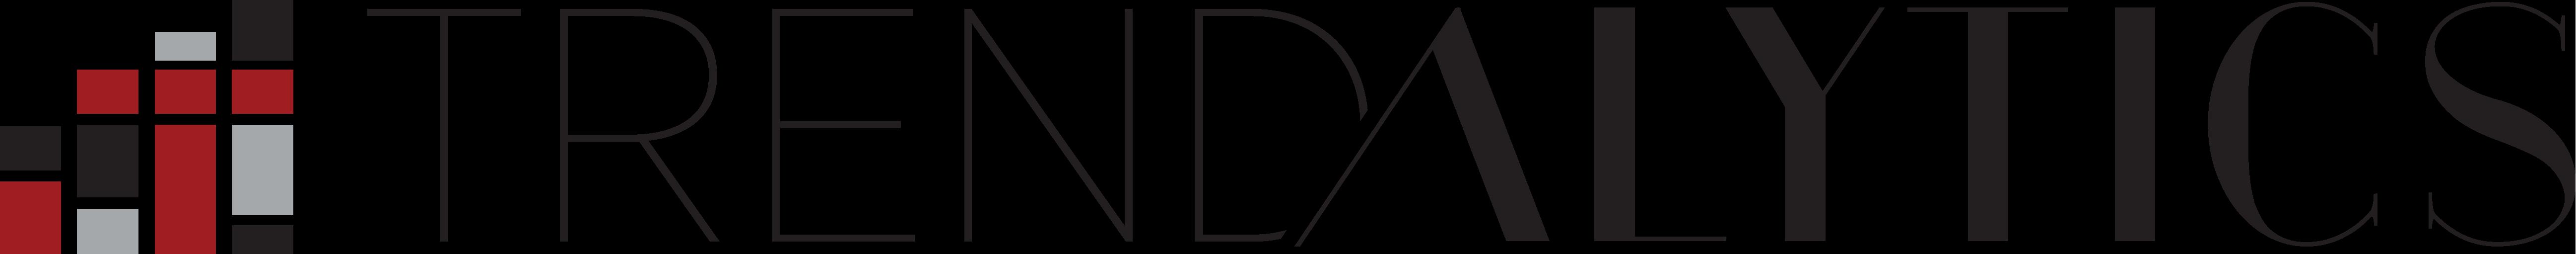 Trendalytics logo